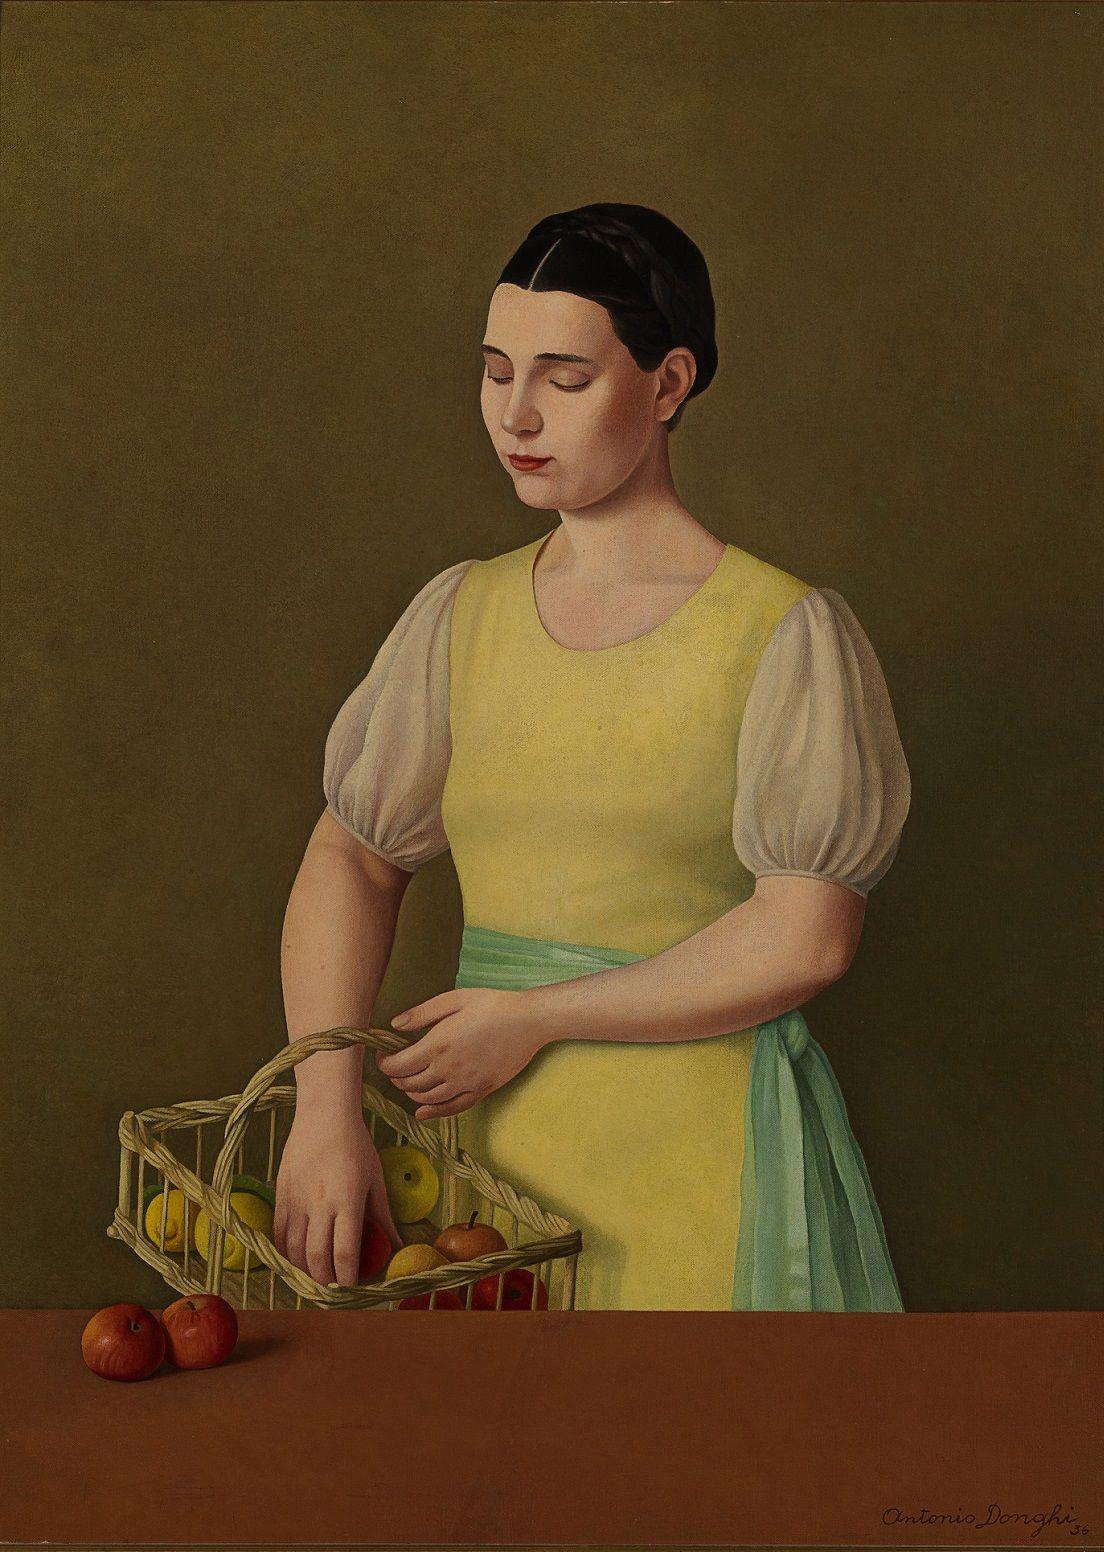 Antonio Donghi, Margherita, 1936, olio su tela, cm 78 x 56